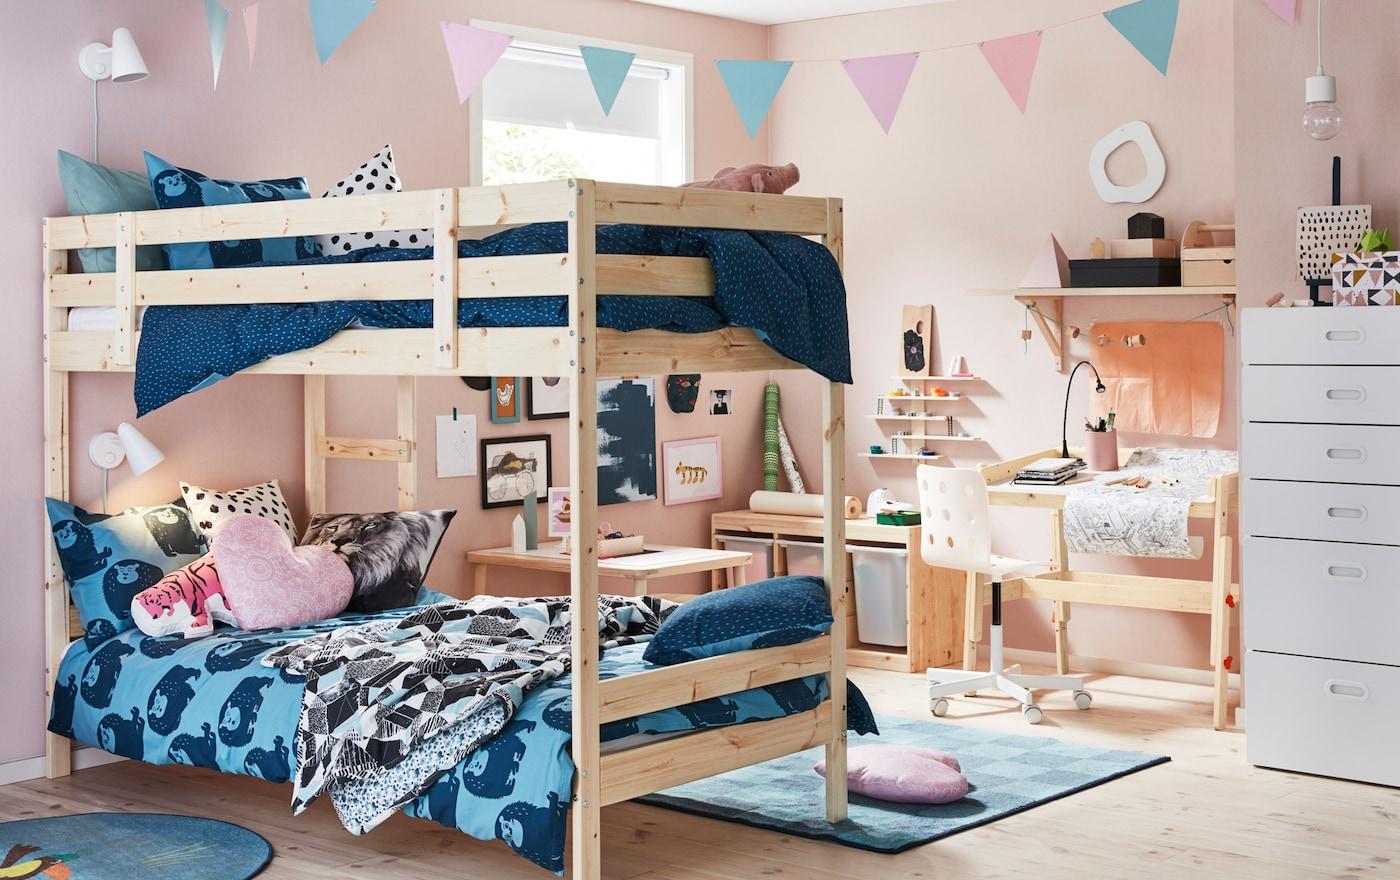 MYDAL pine bunk bedframe in a children's bedroom.